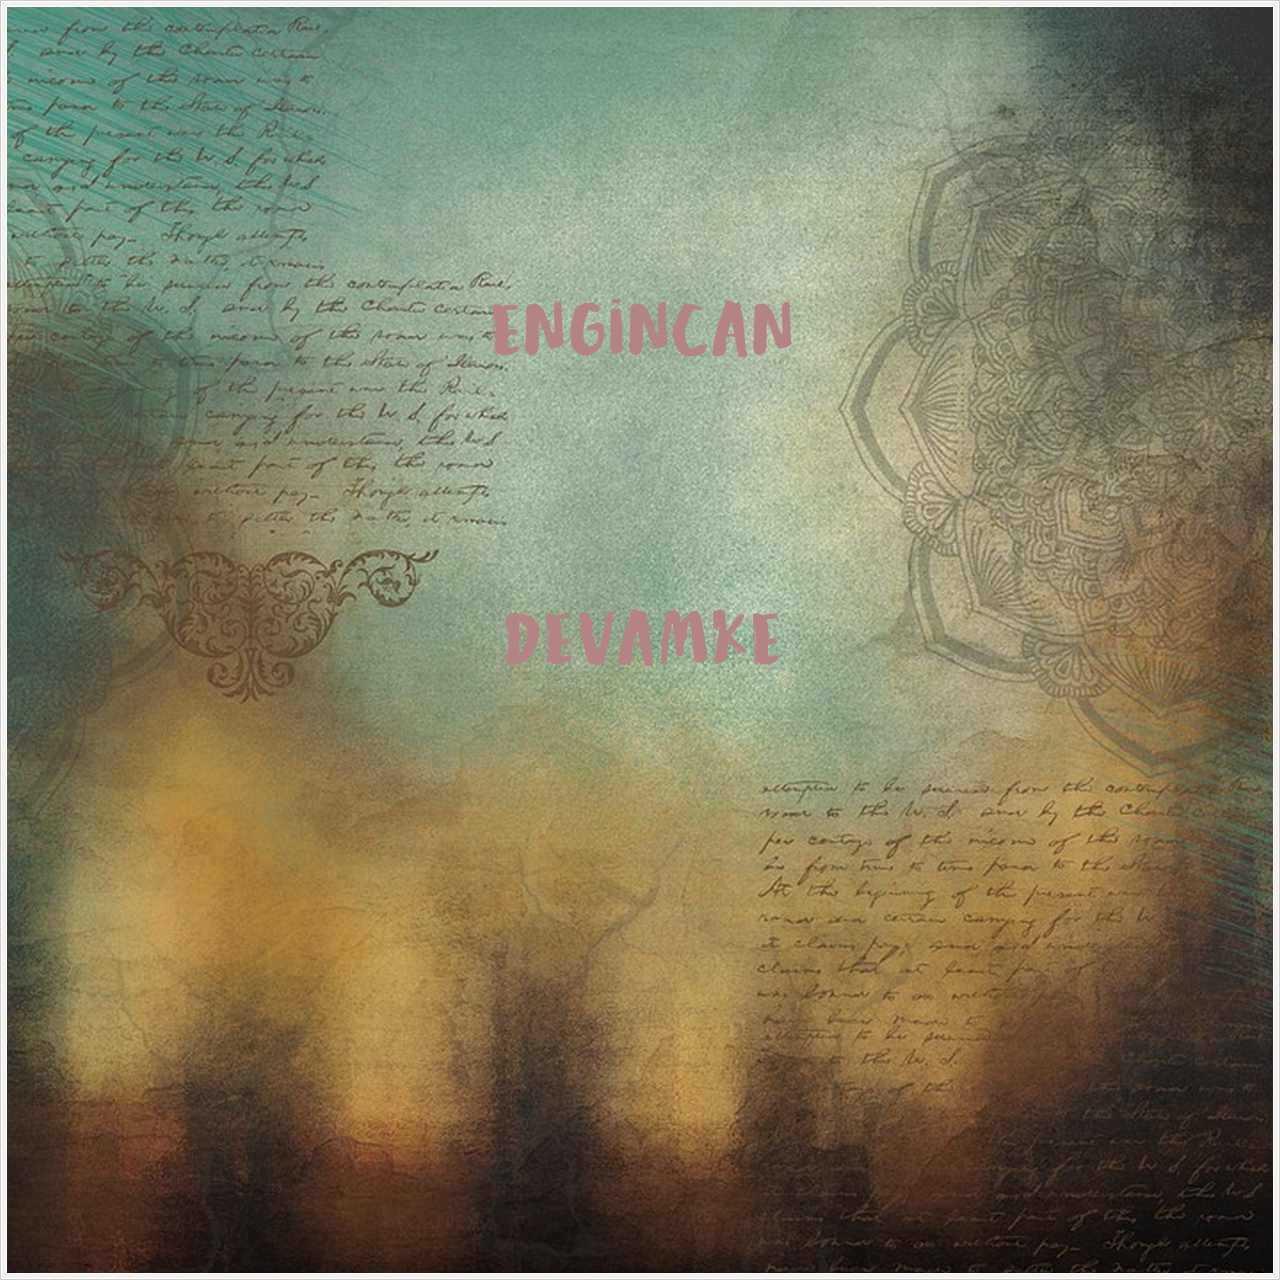 دانلود آهنگ جدید Engincan به نام Devamke